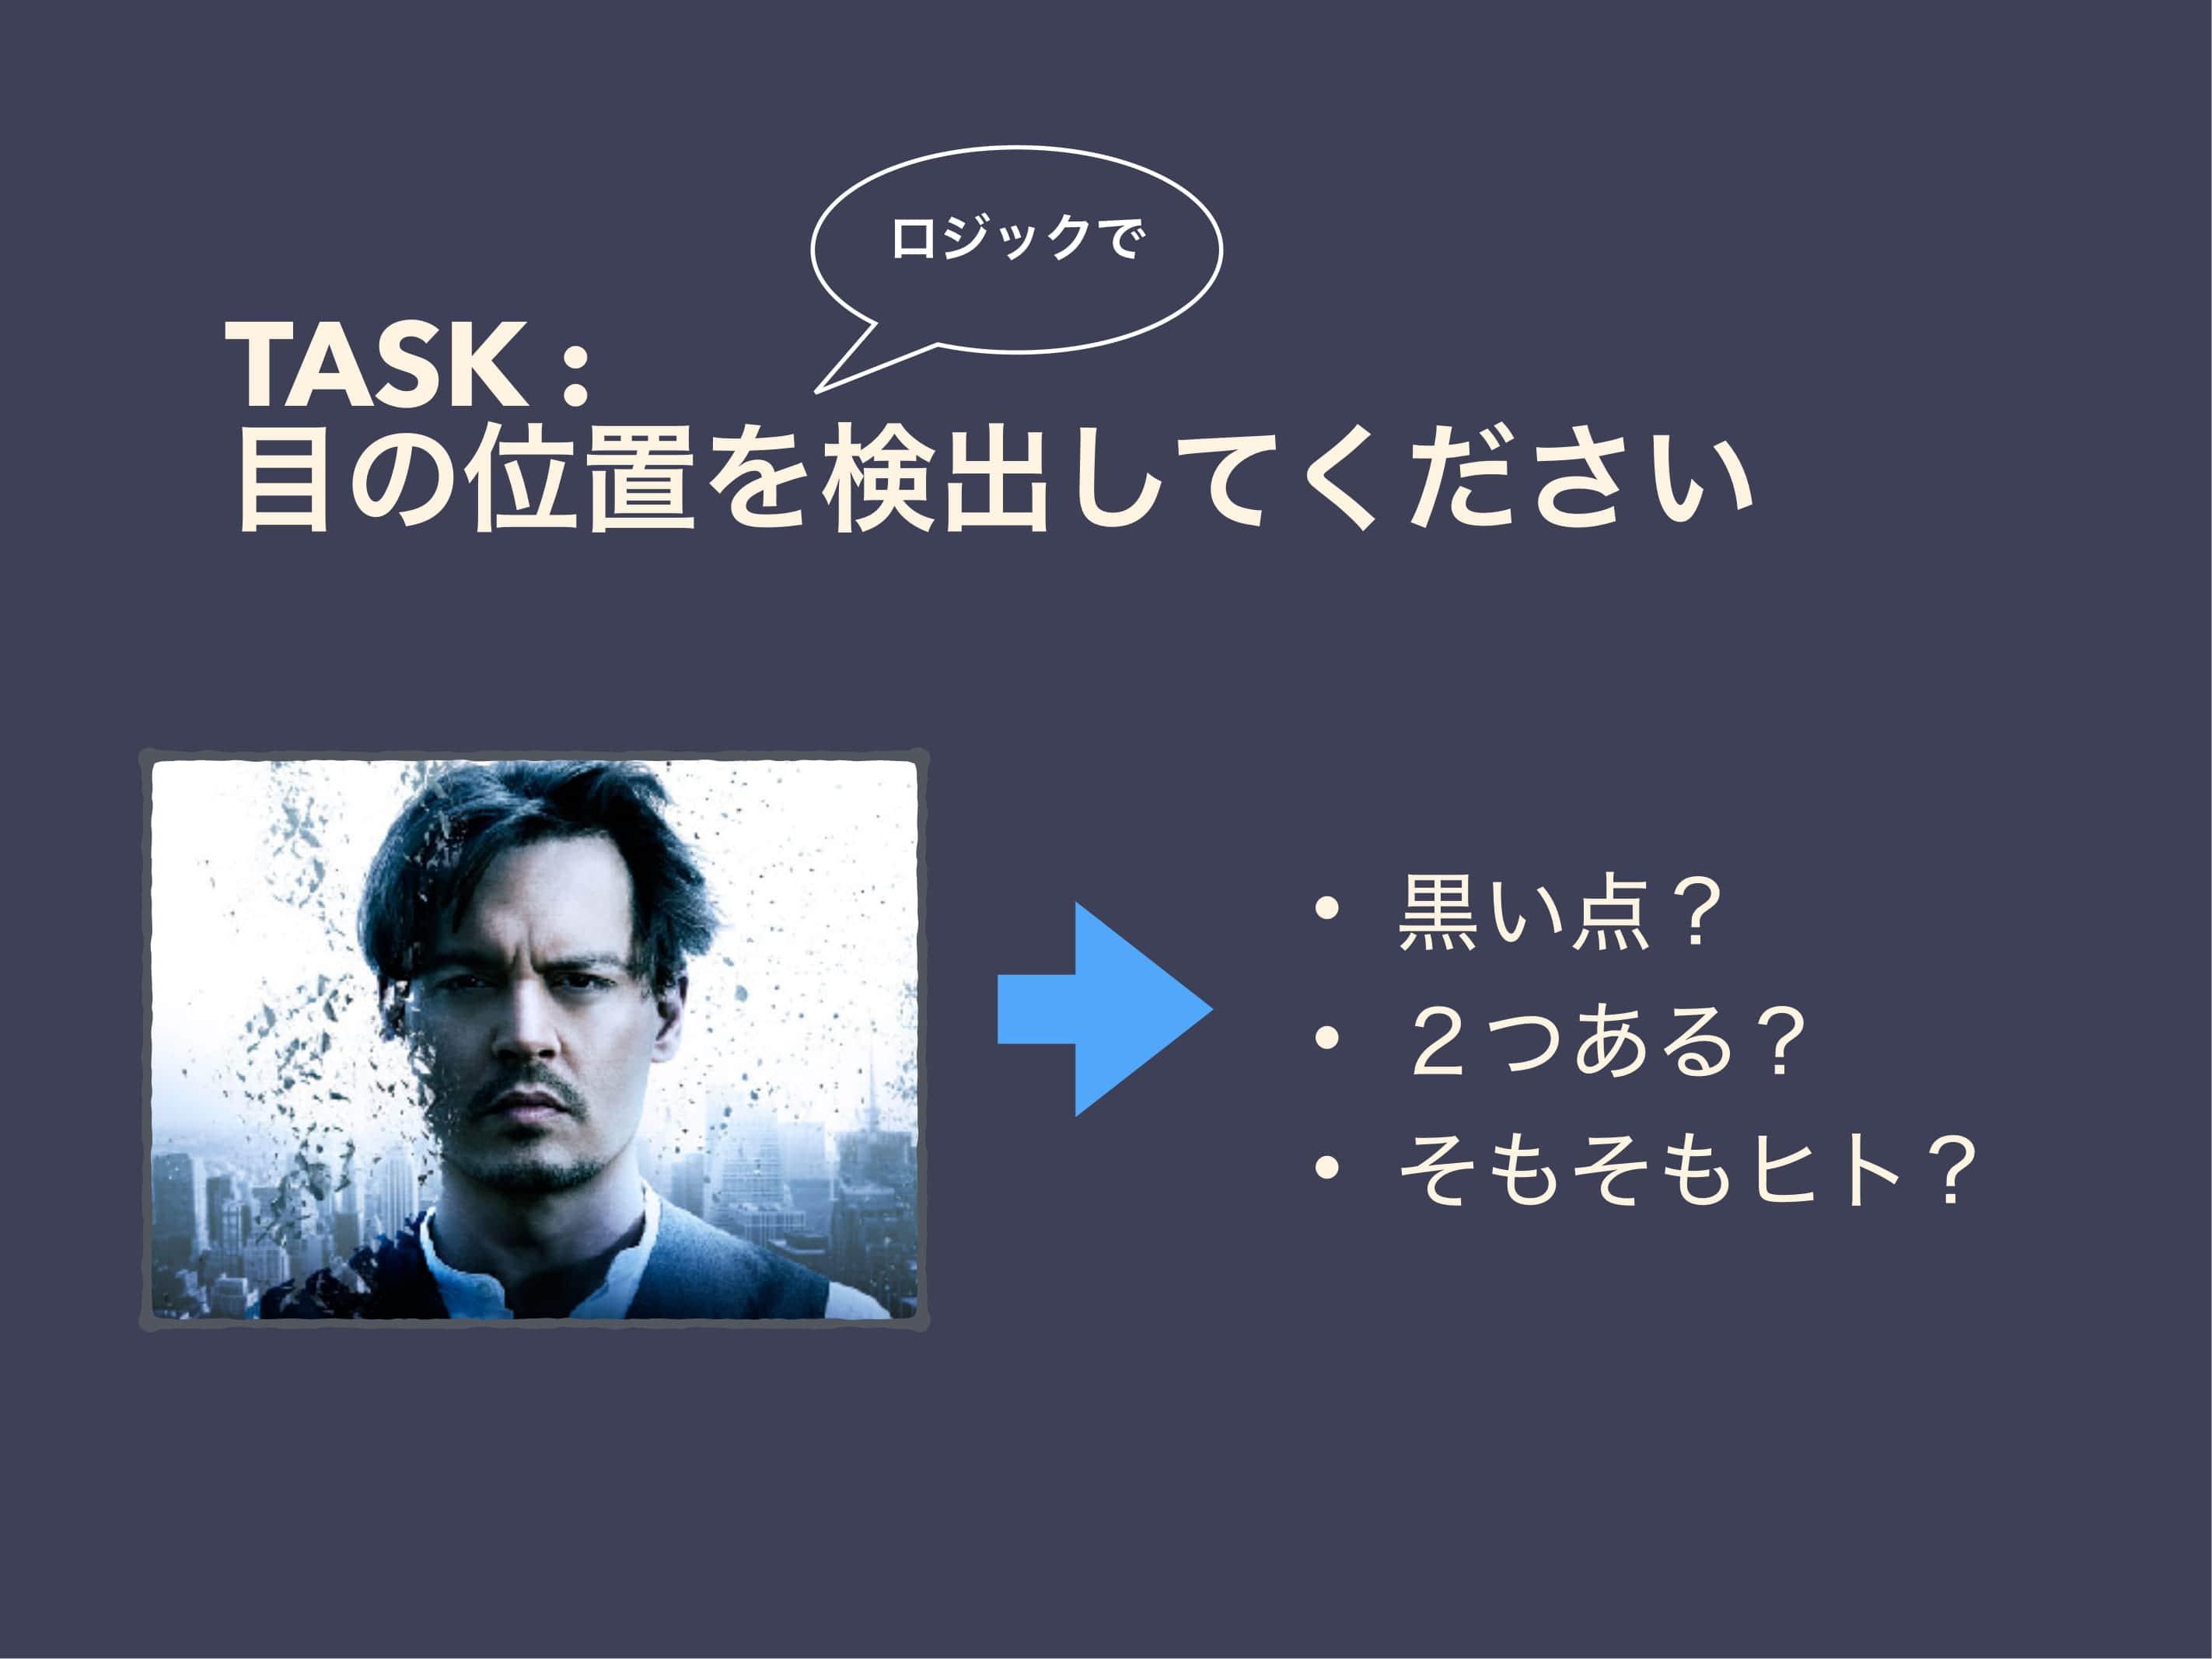 TASK:目の位置をロジックで検出してください